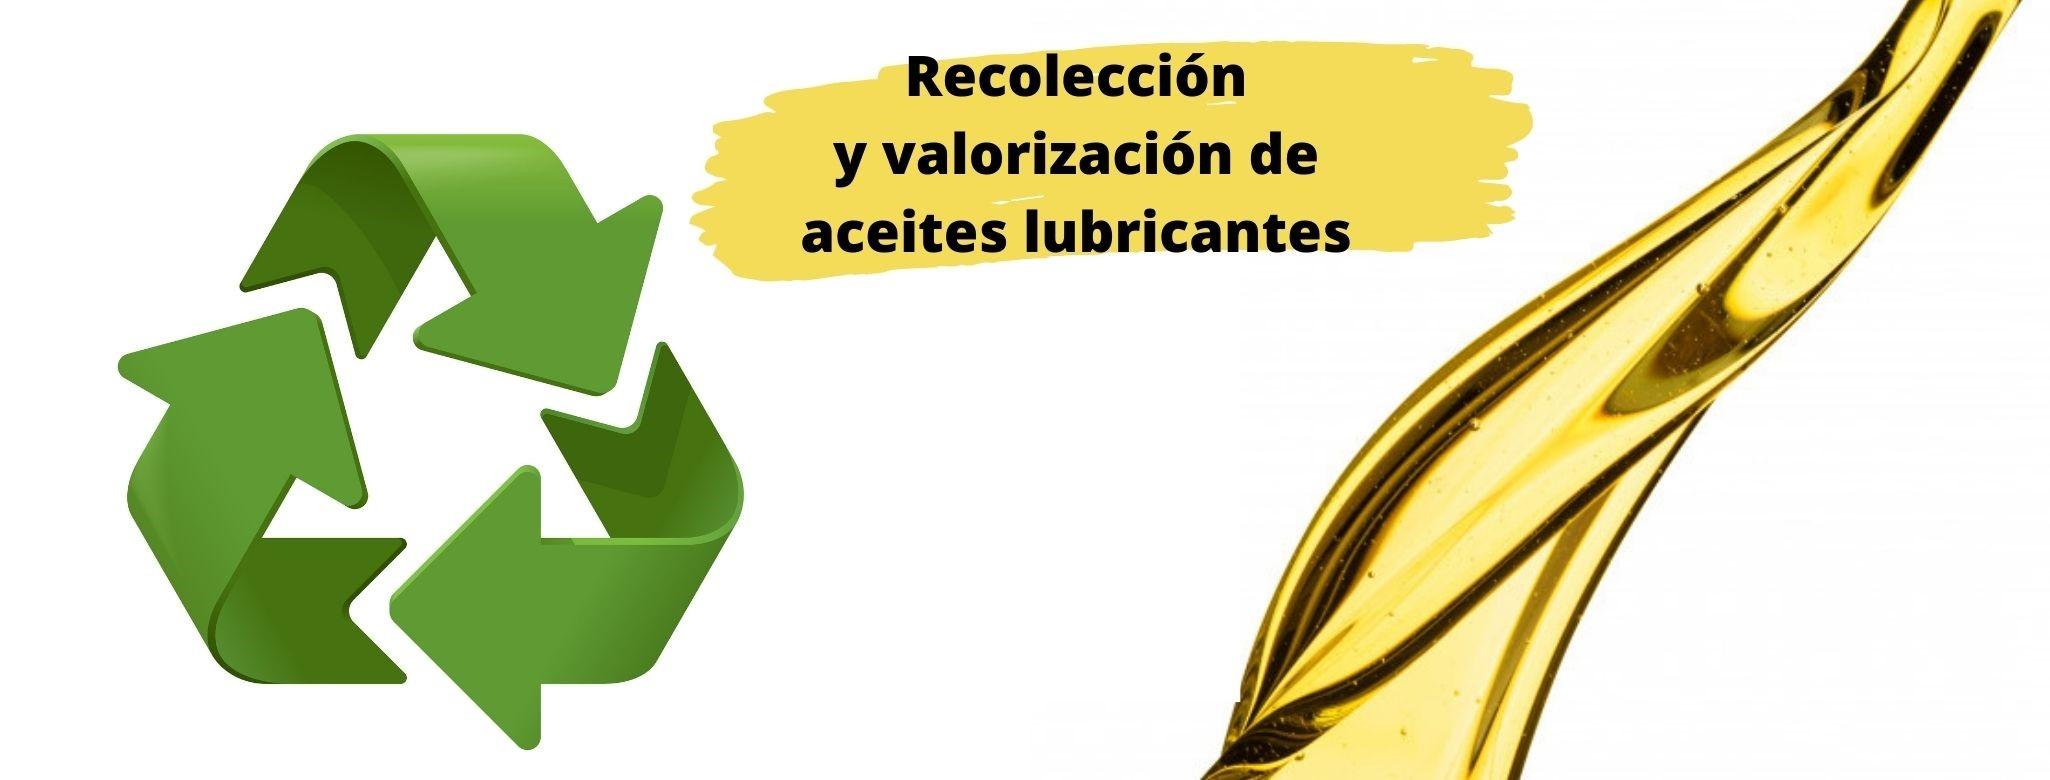 Anteproyecto de Ley Rep. establece metas de recolección y valorización de aceites lubricantes: 90% en 10 años